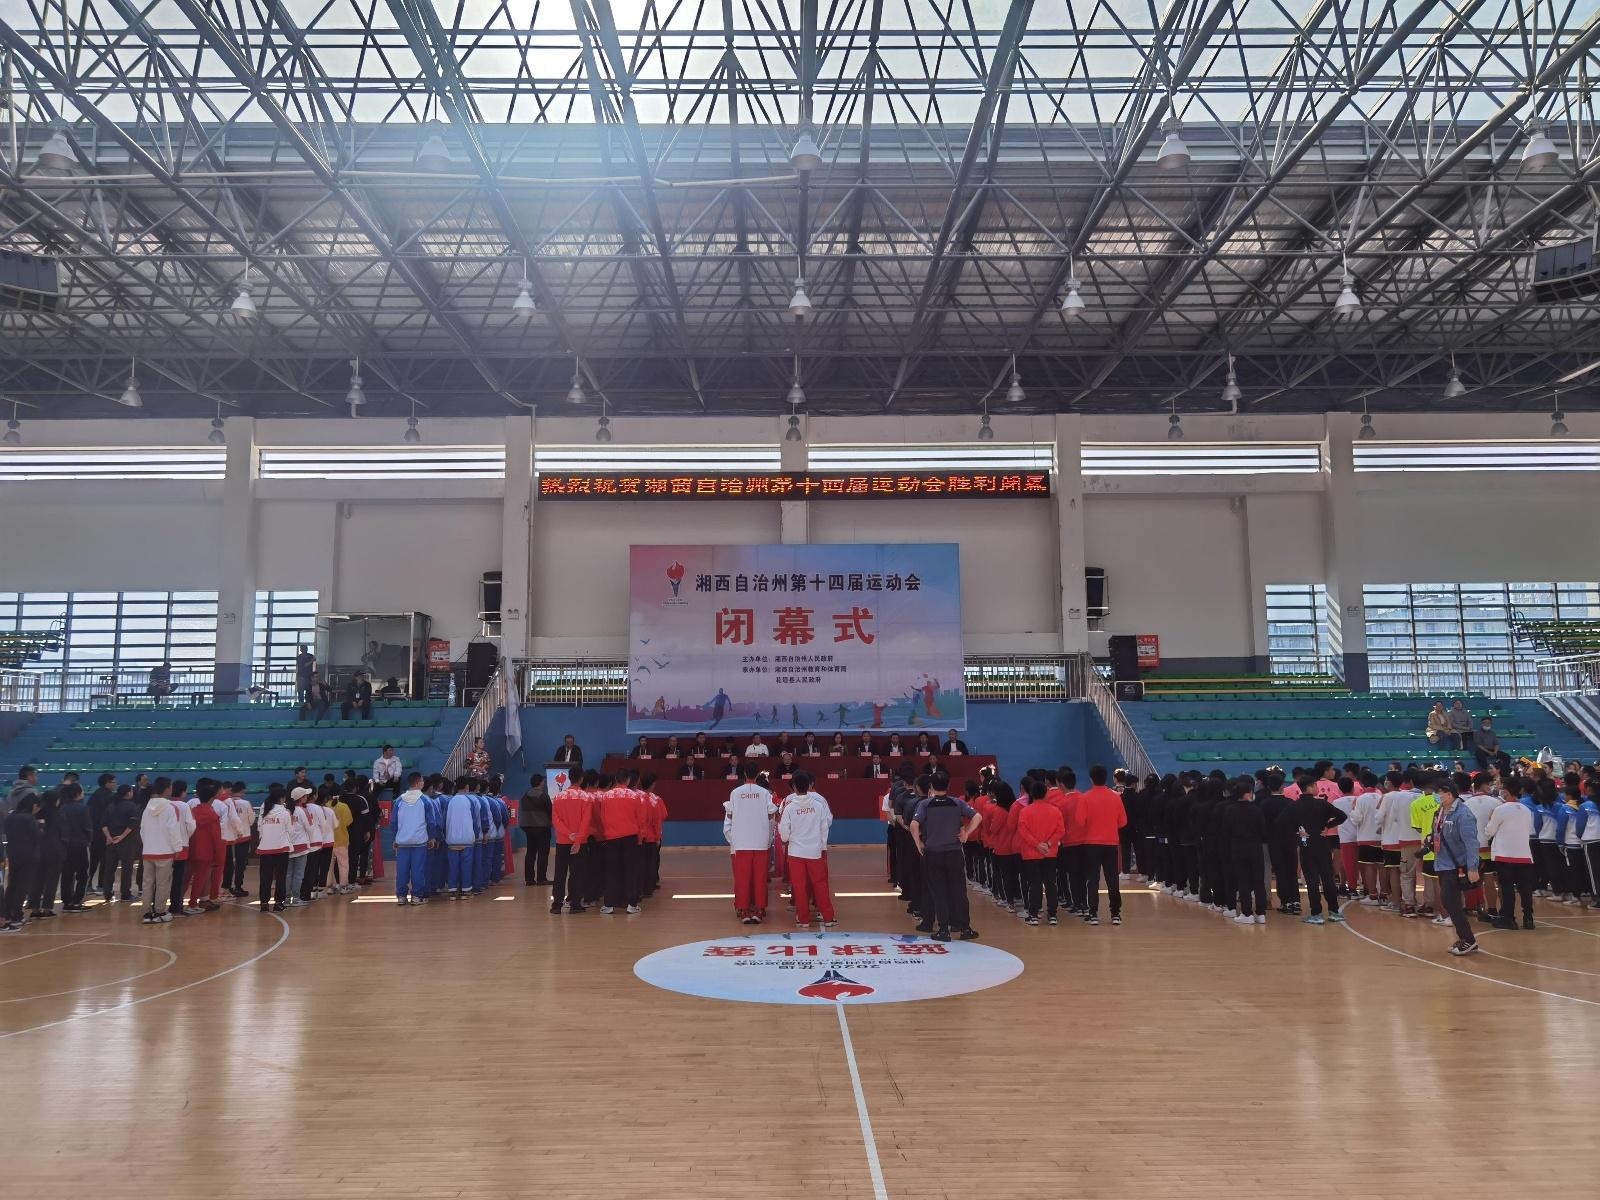 湘西州第十四届运动会闭幕 花垣居金牌榜首位